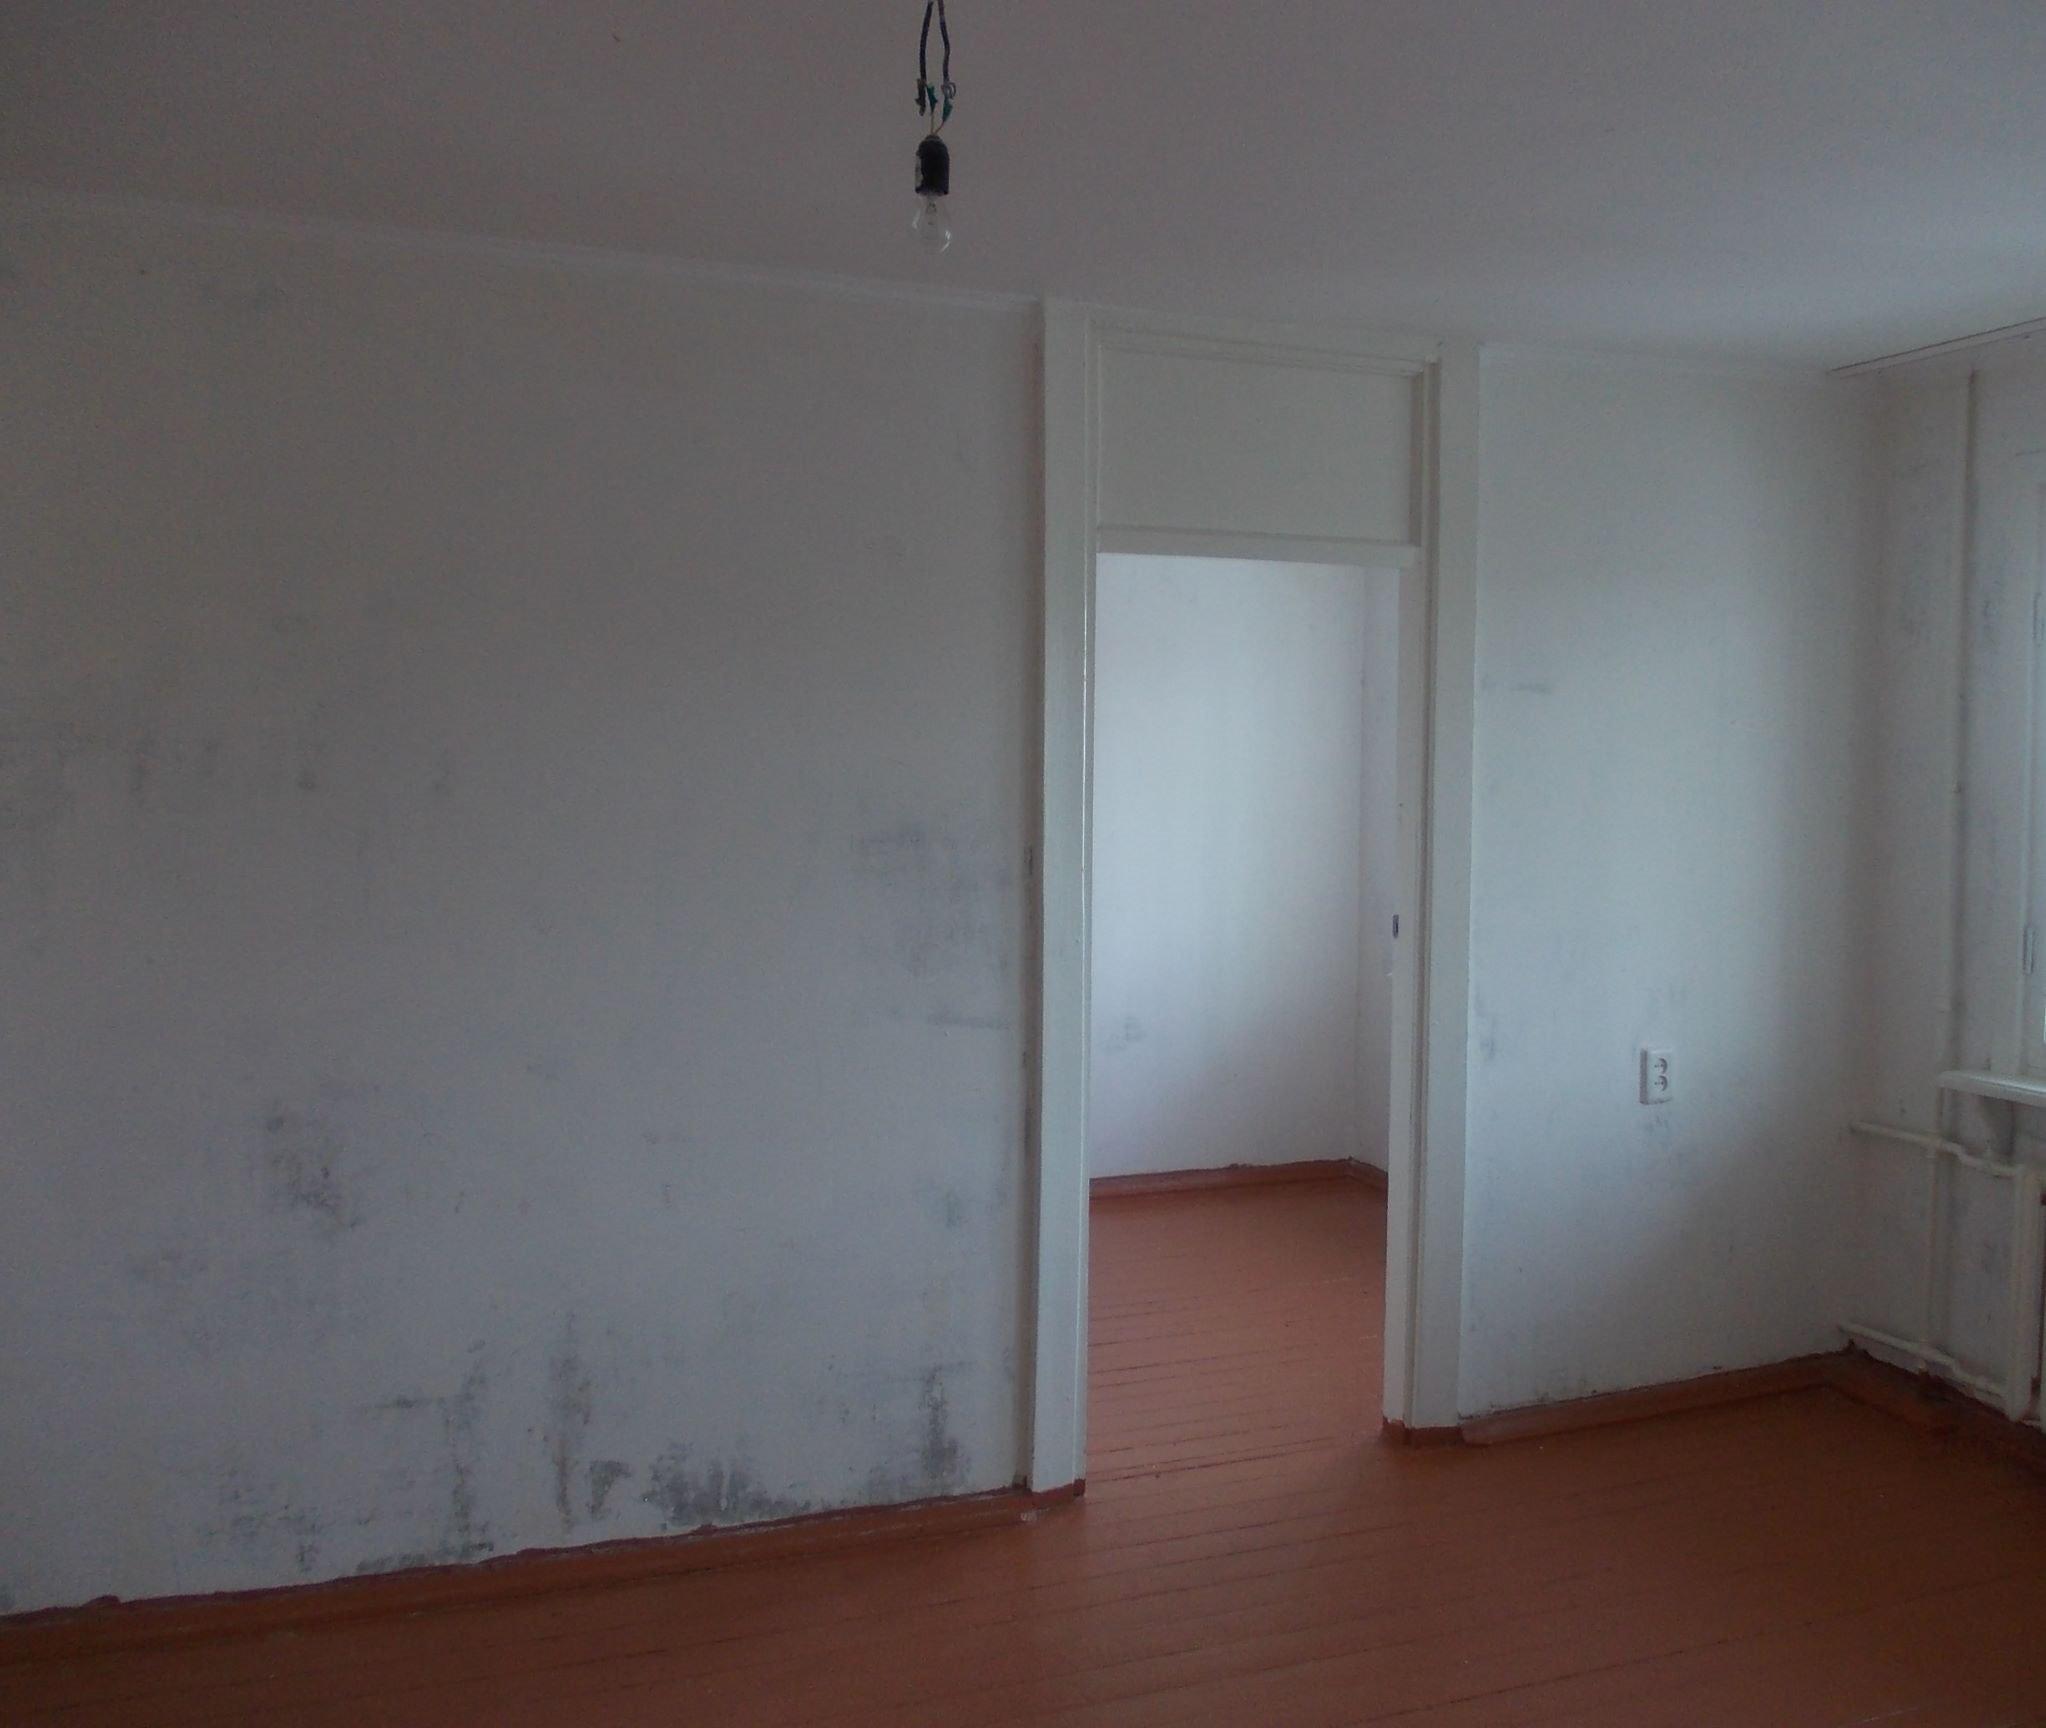 Продажа квартир: 2-комнатная квартира, Челябинская область, Магнитогорск, Советская ул., 137, фото 1